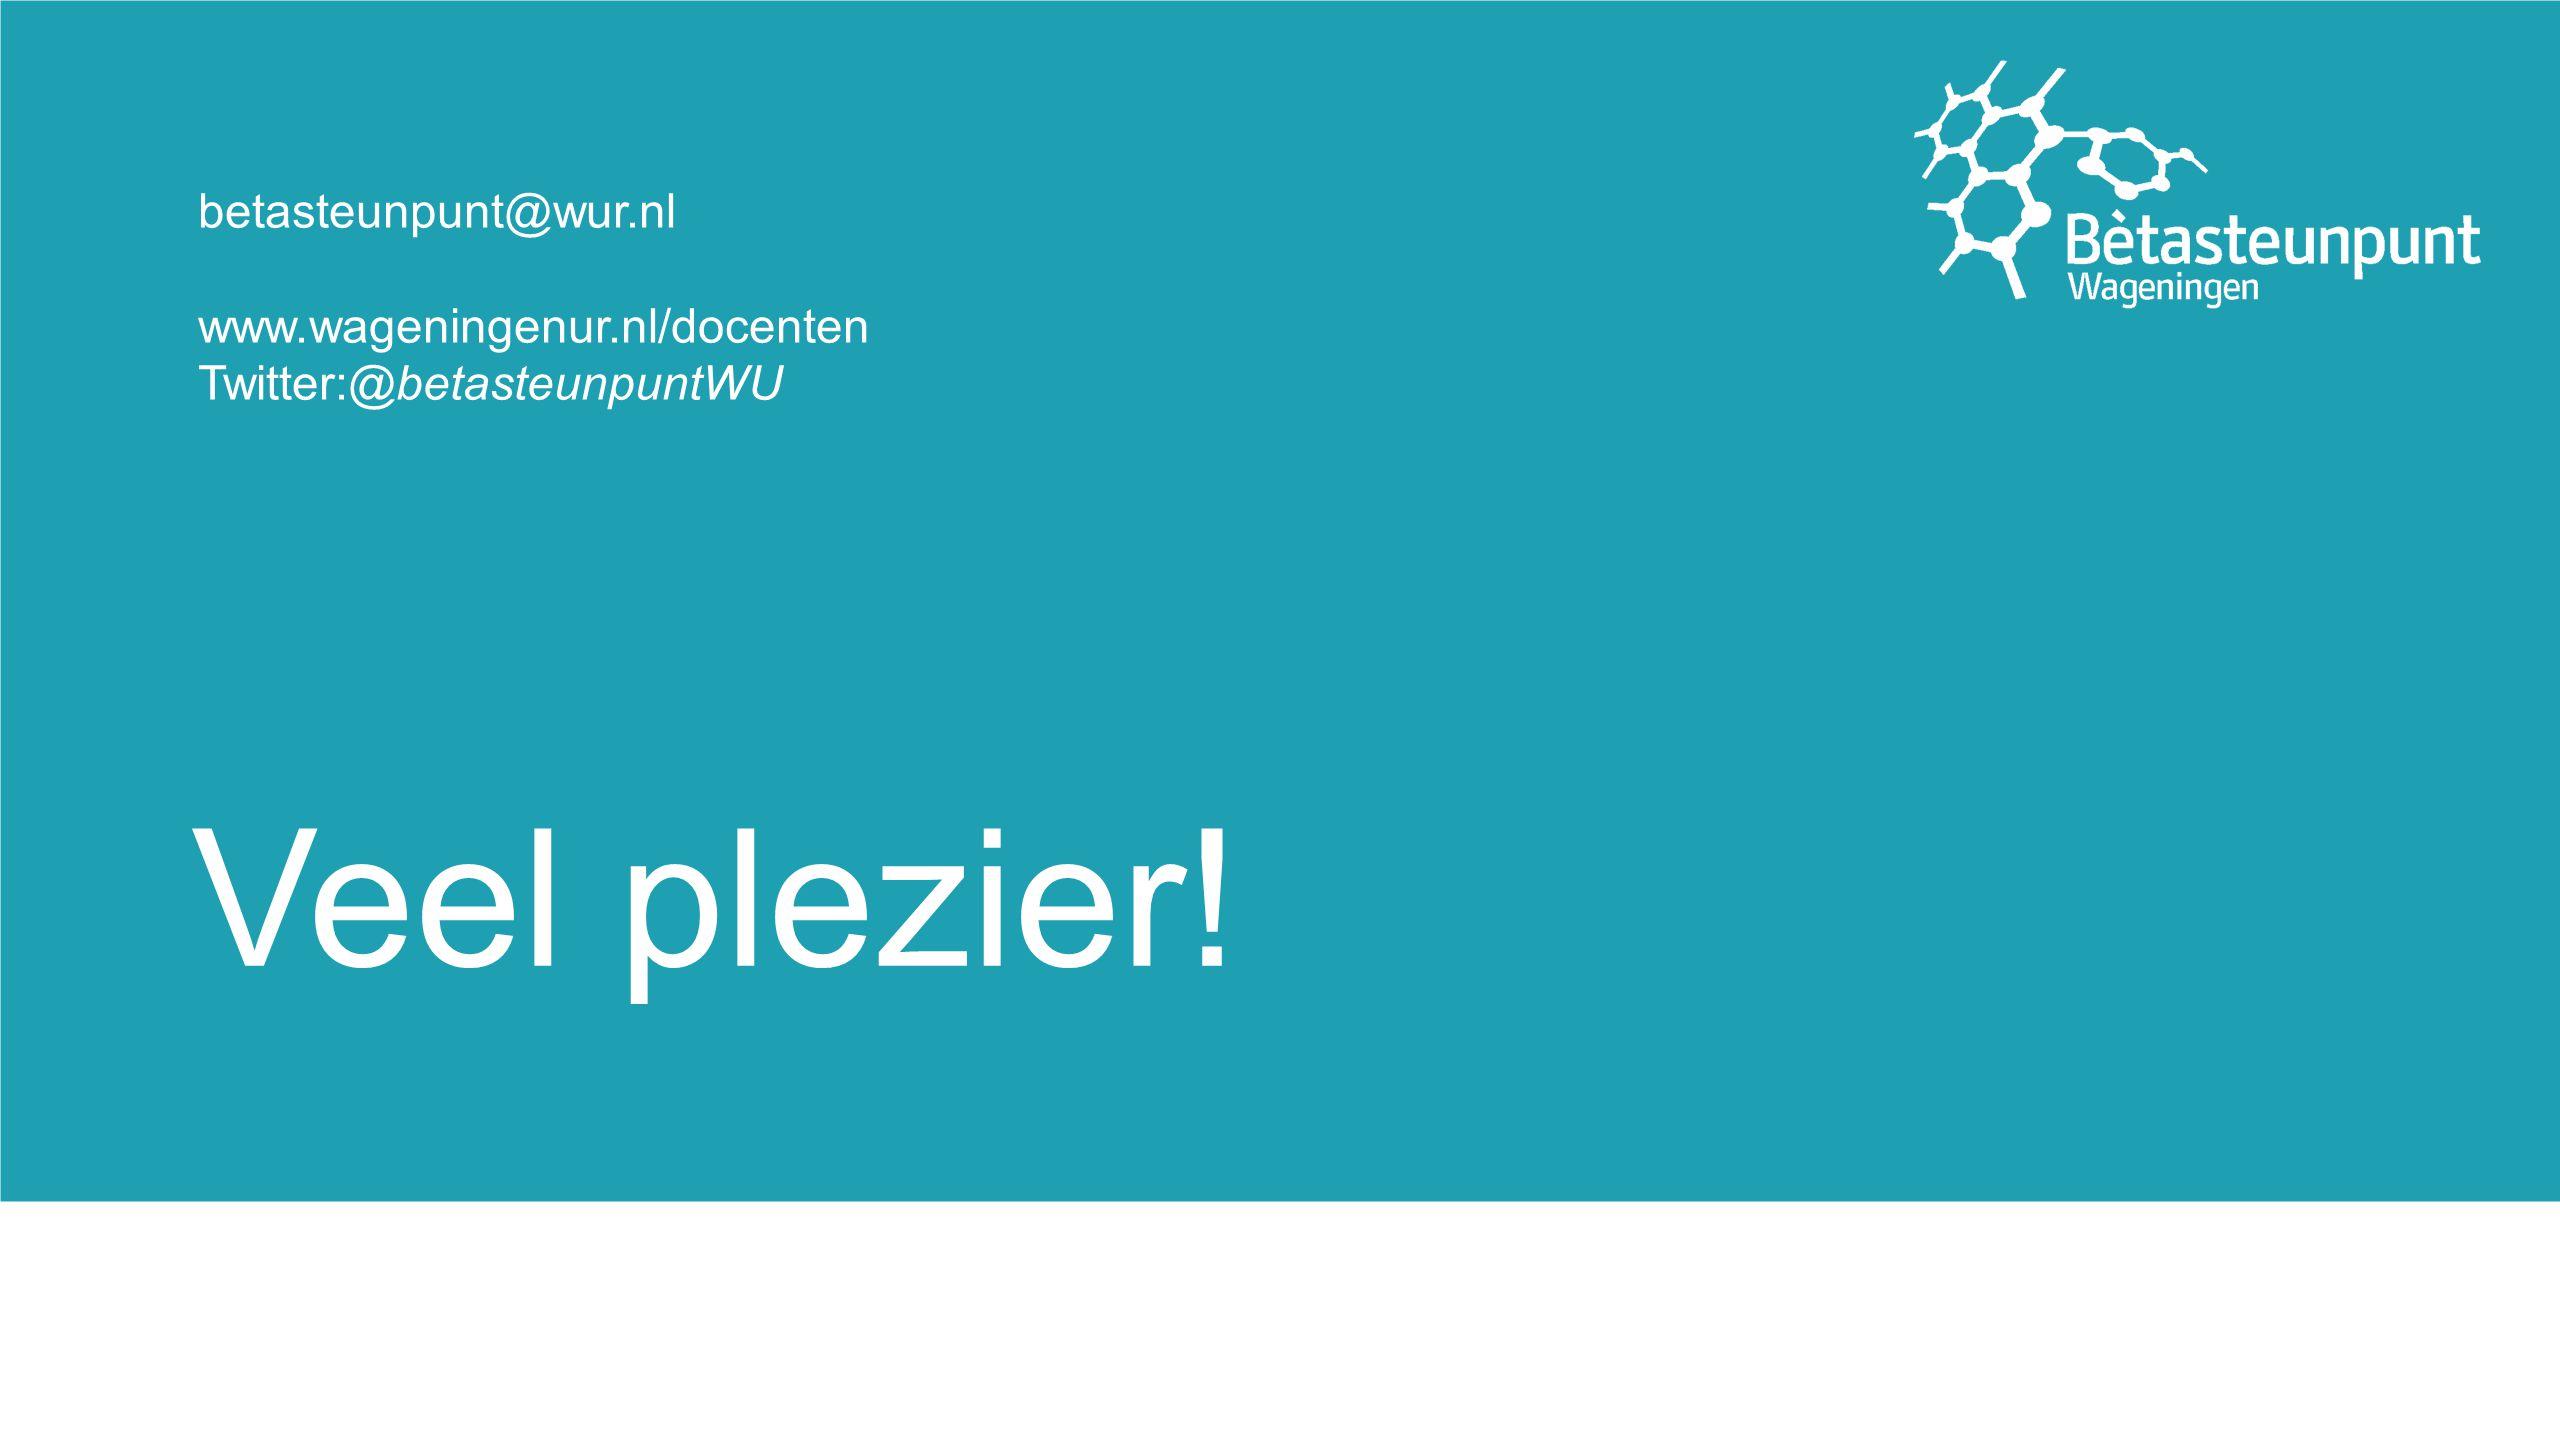 Veel plezier! betasteunpunt@wur.nl www.wageningenur.nl/docenten